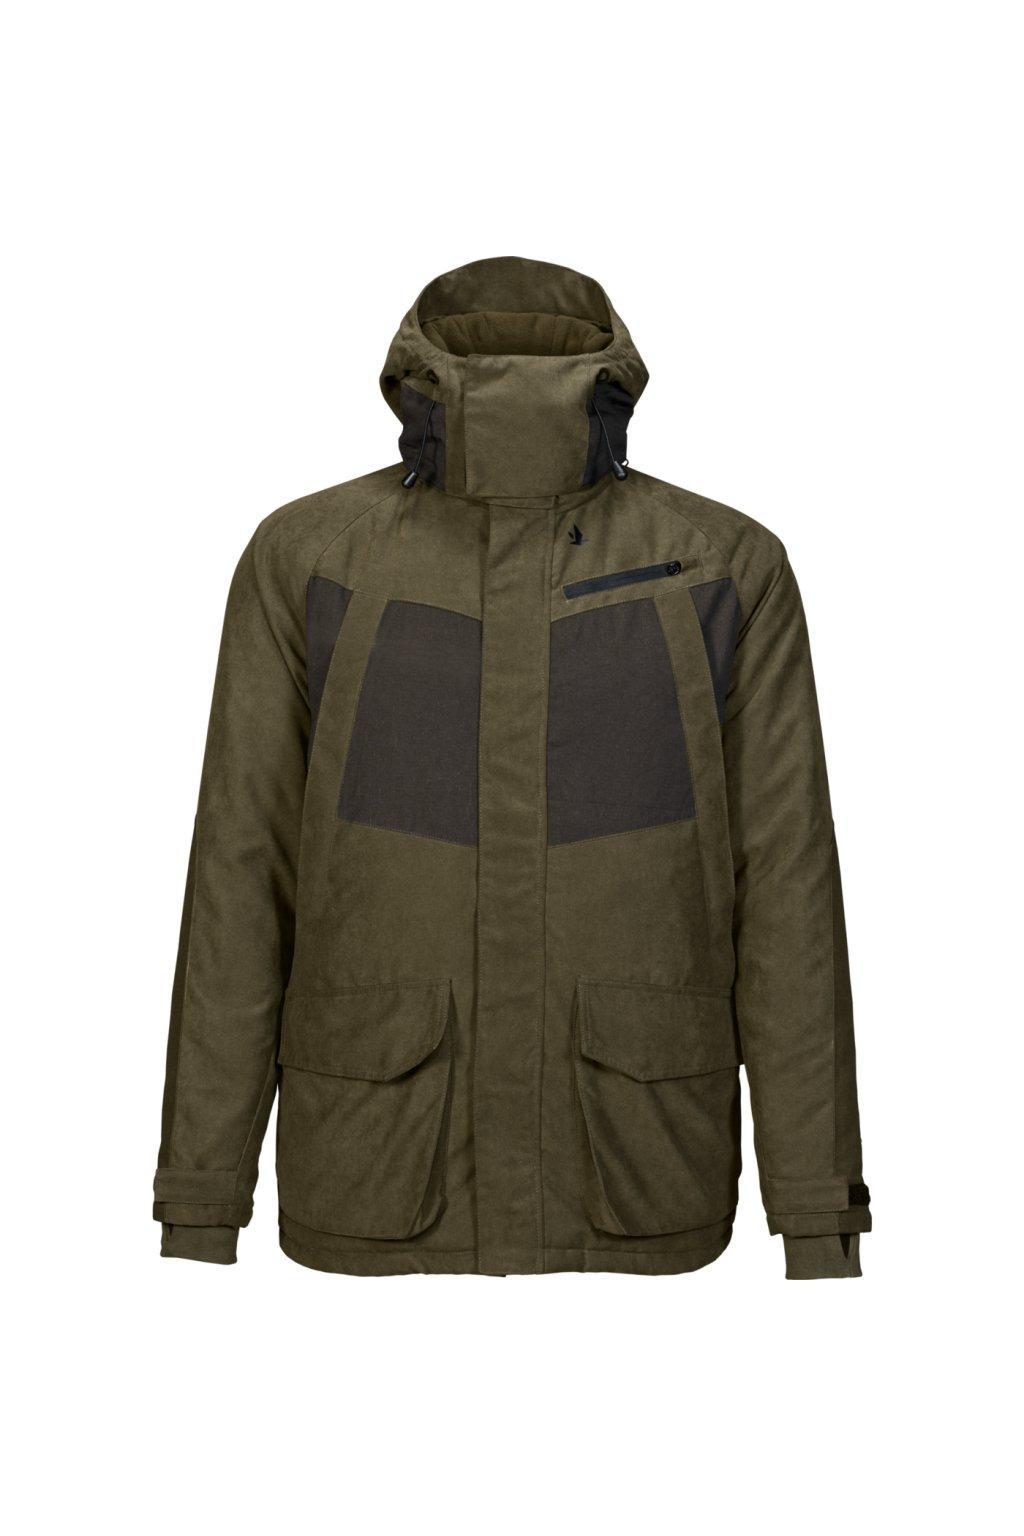 Seeland - Taiga zimní bunda pánská